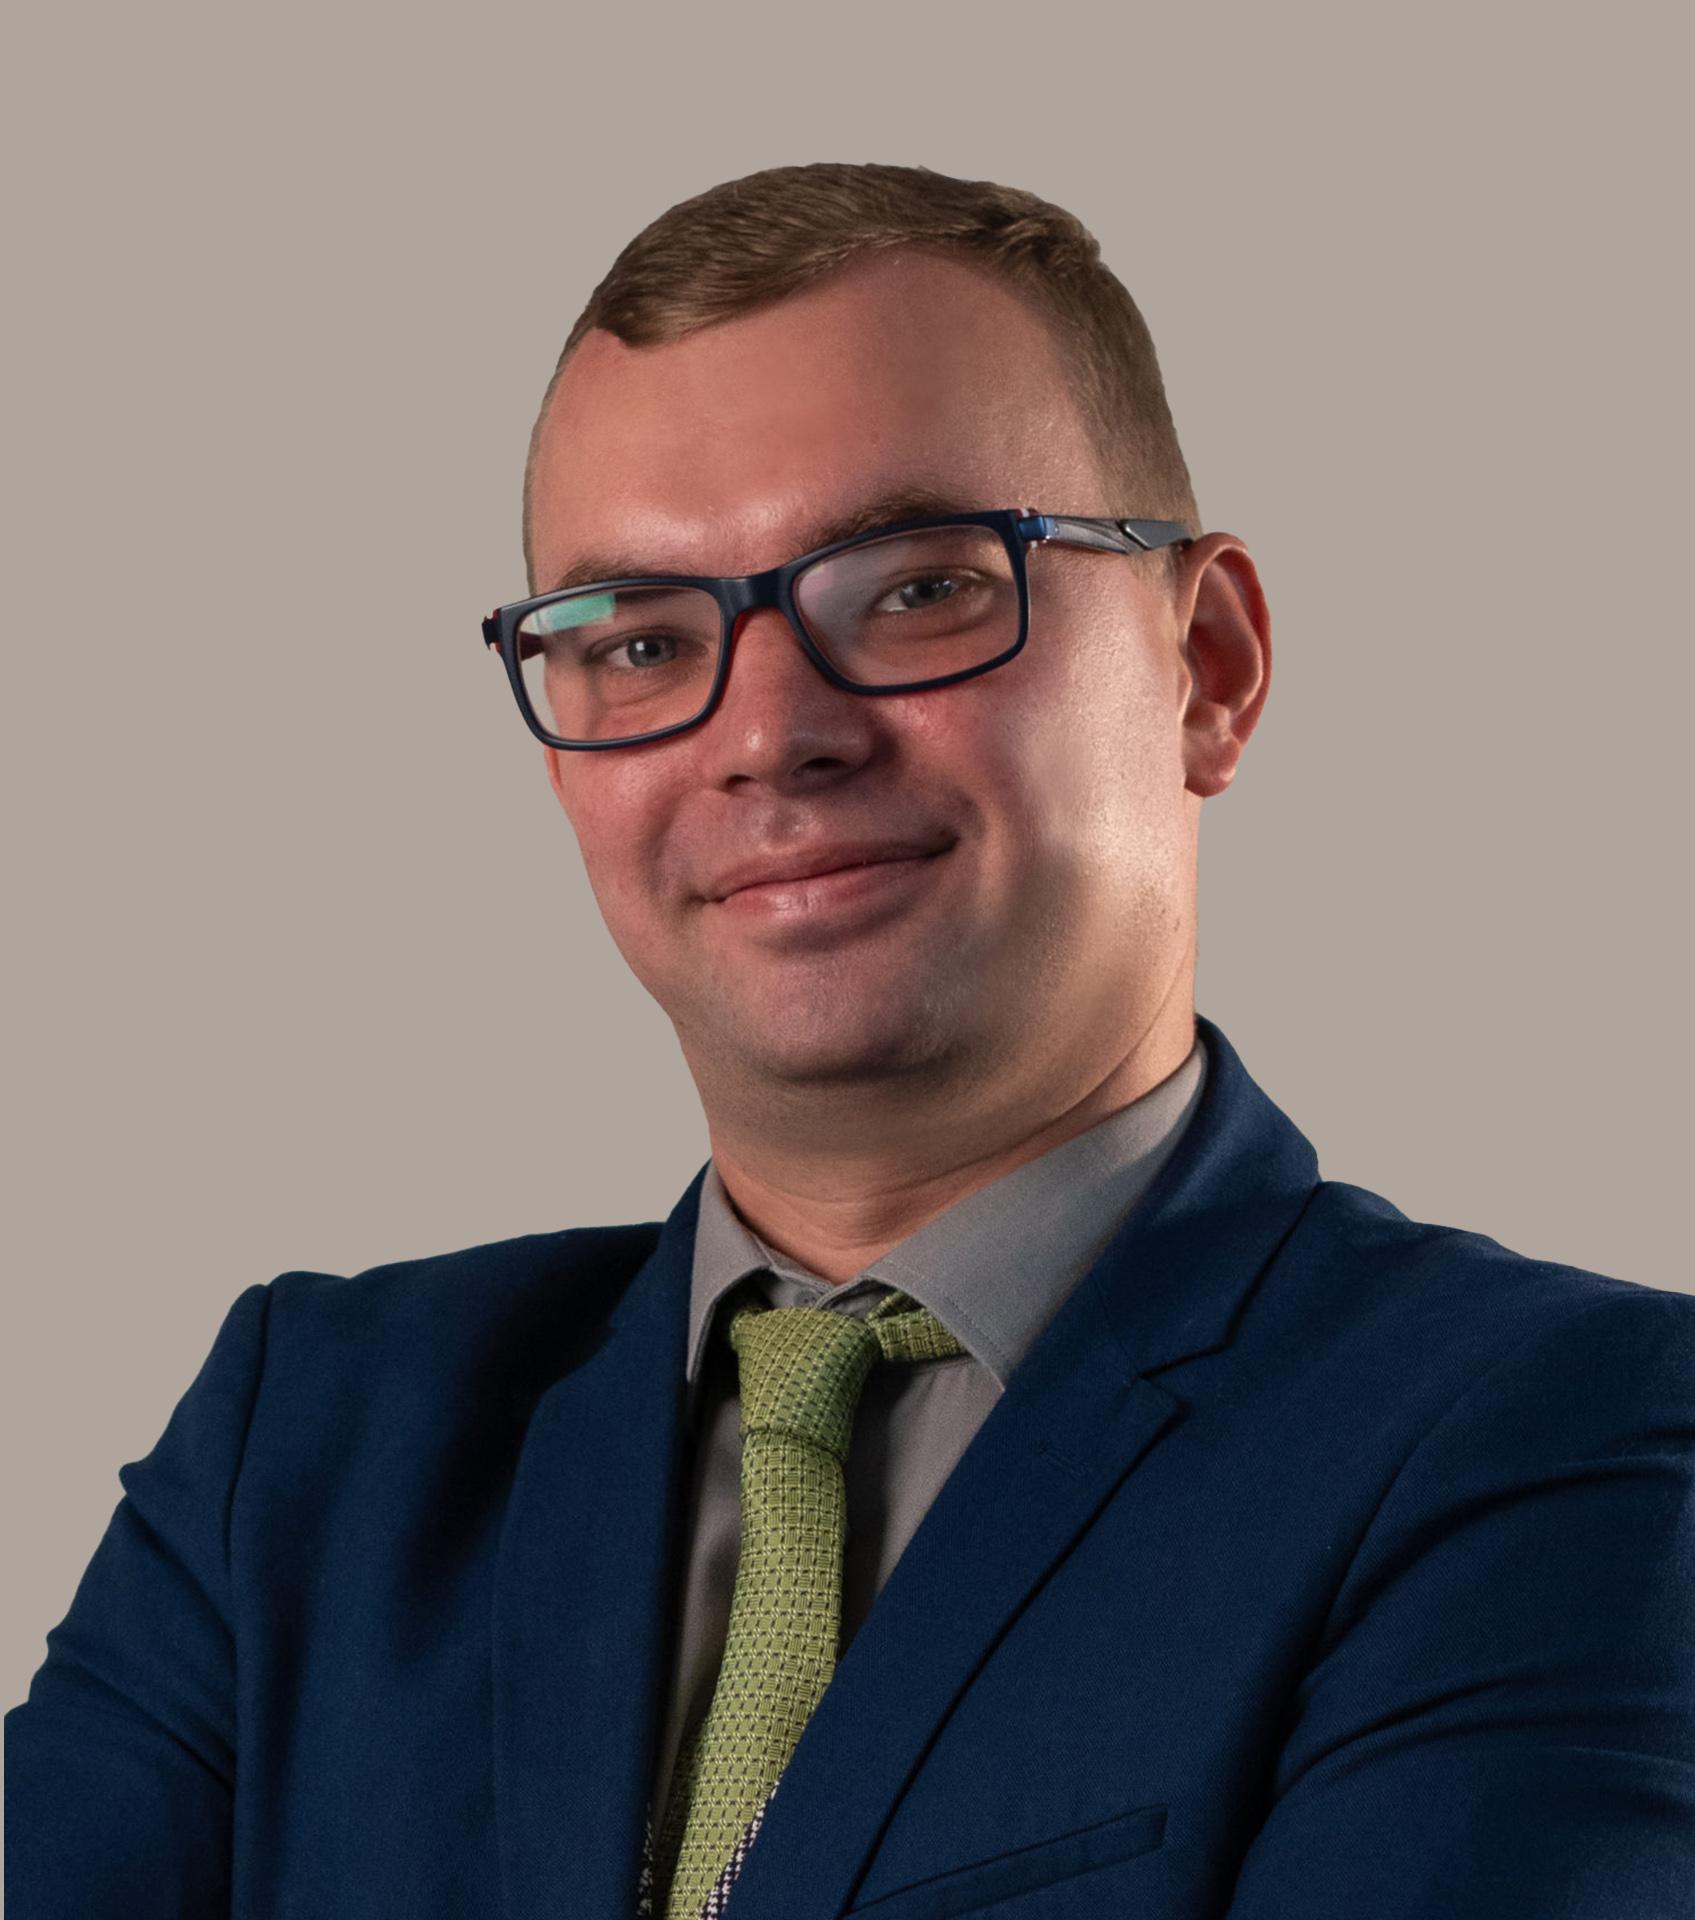 Krzysztof Sośnicki